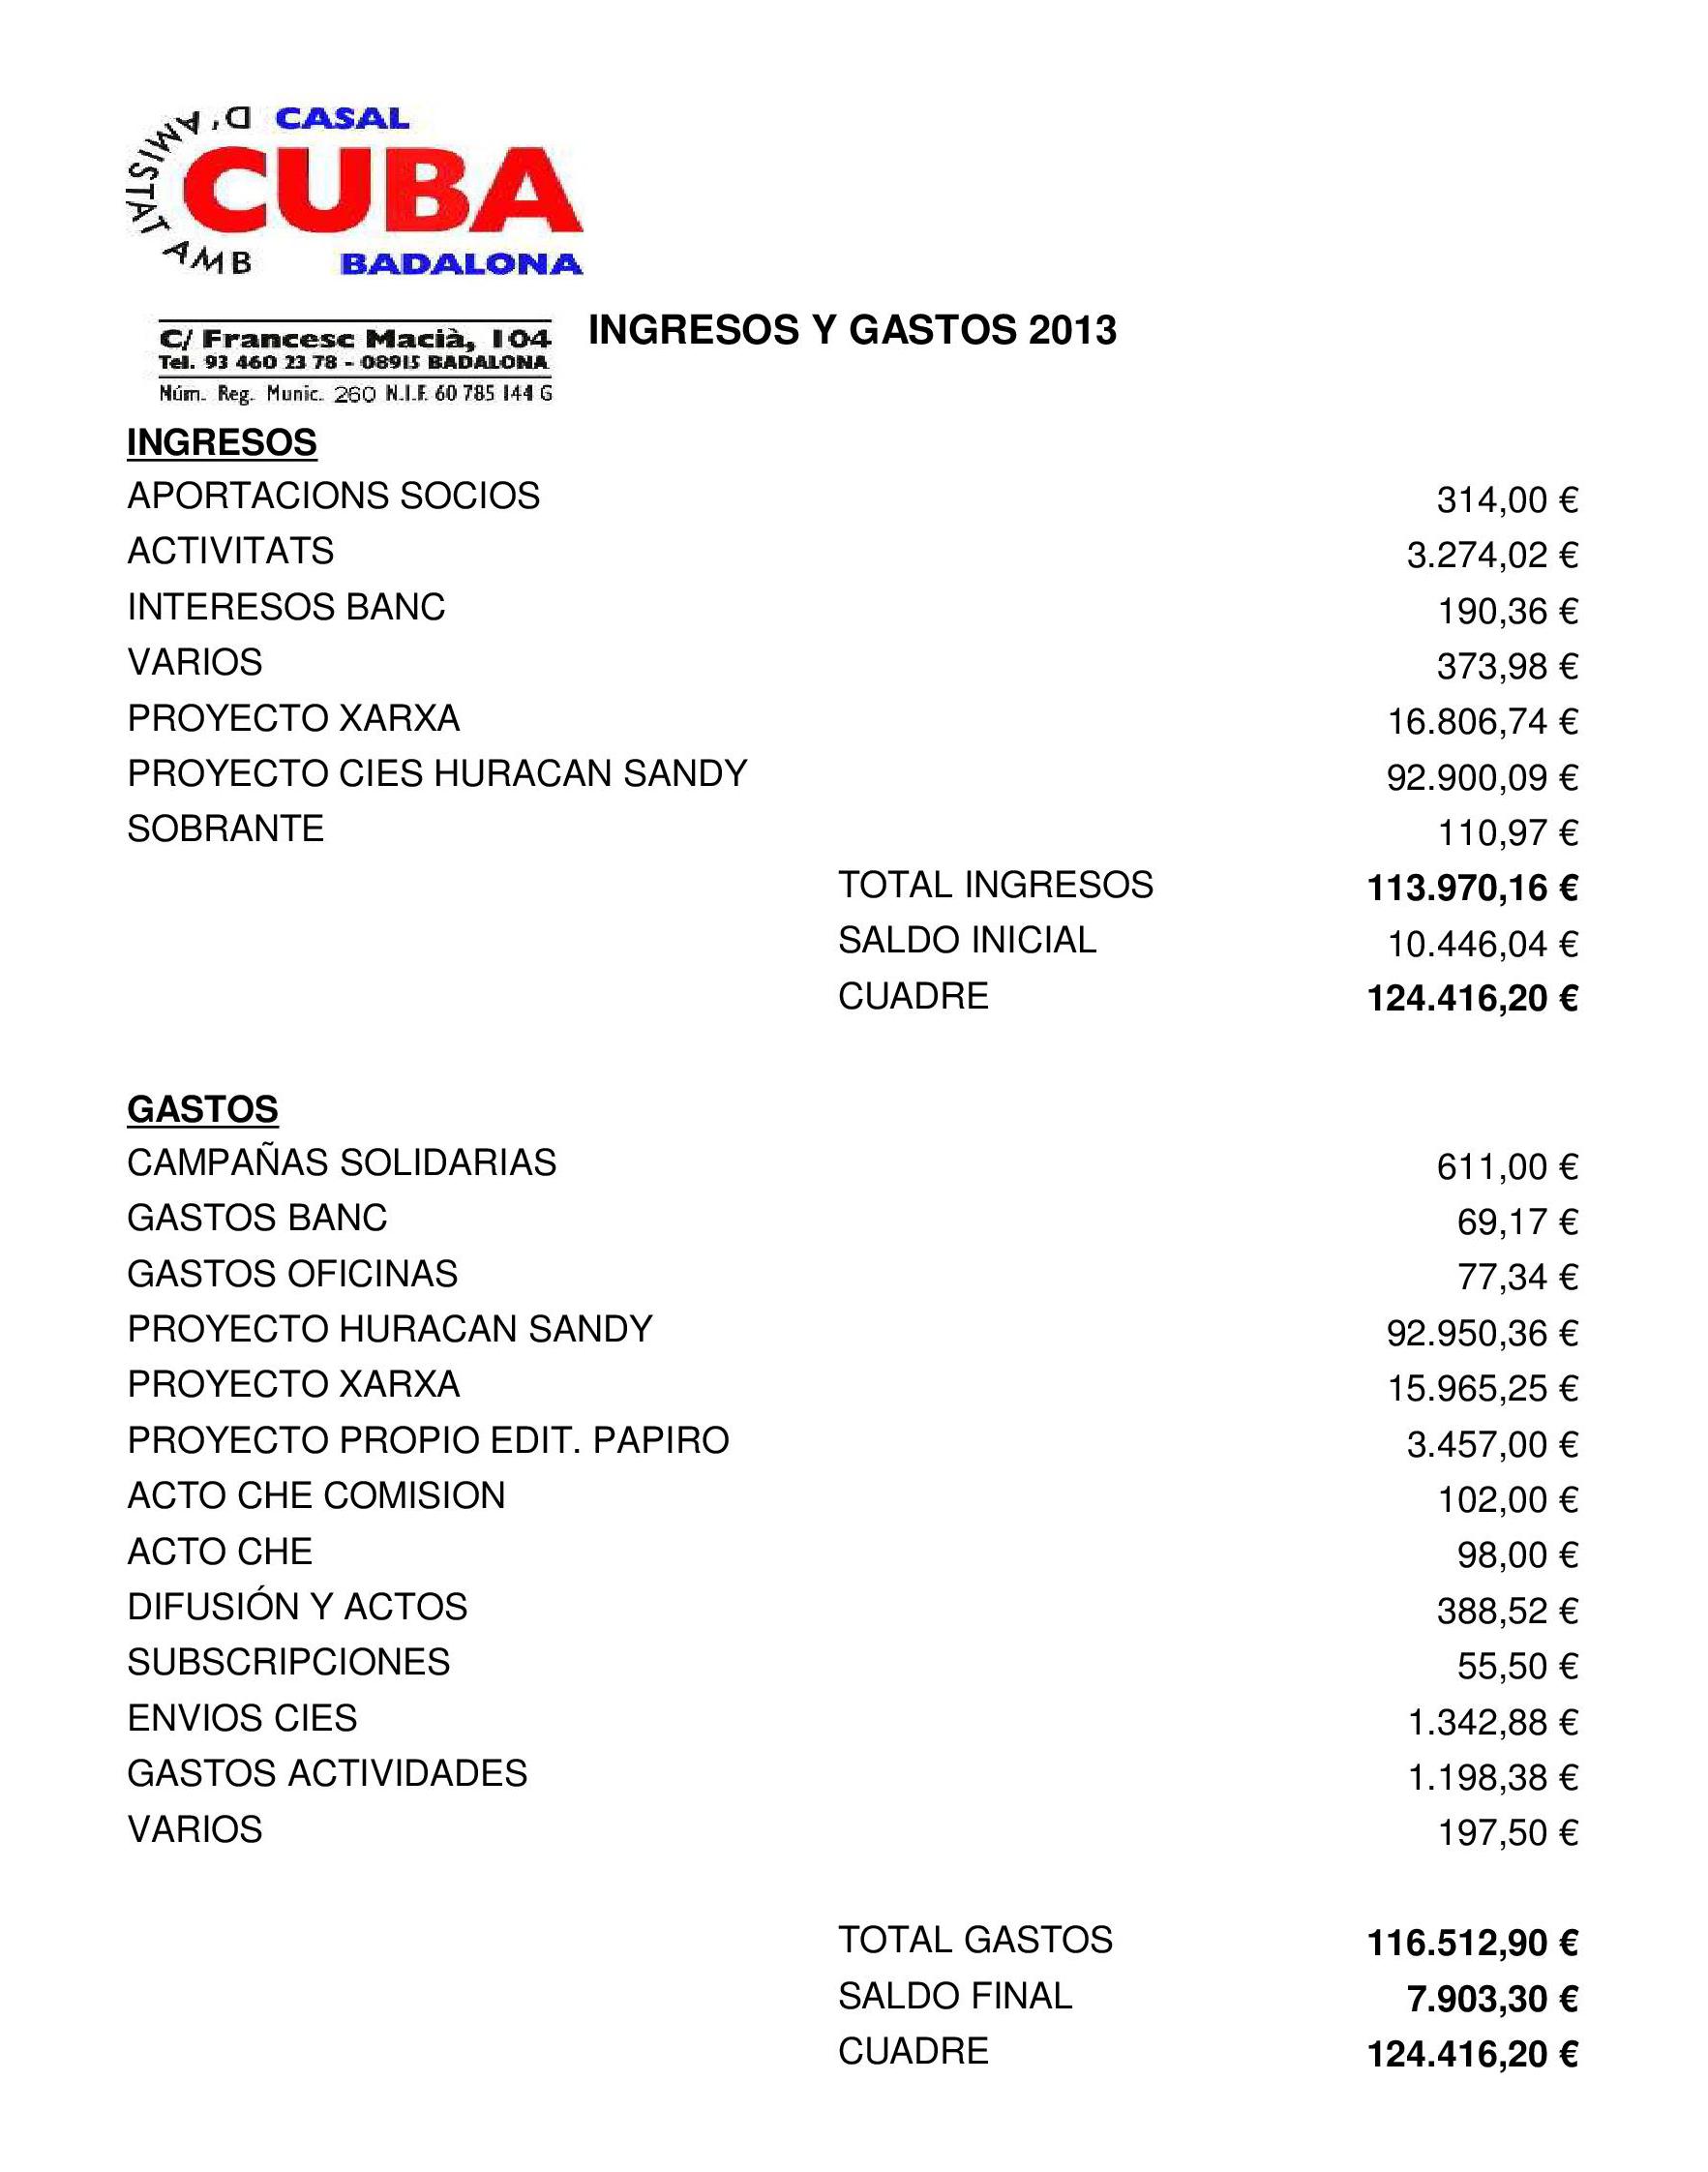 INGRESOS Y GASTOS 2013